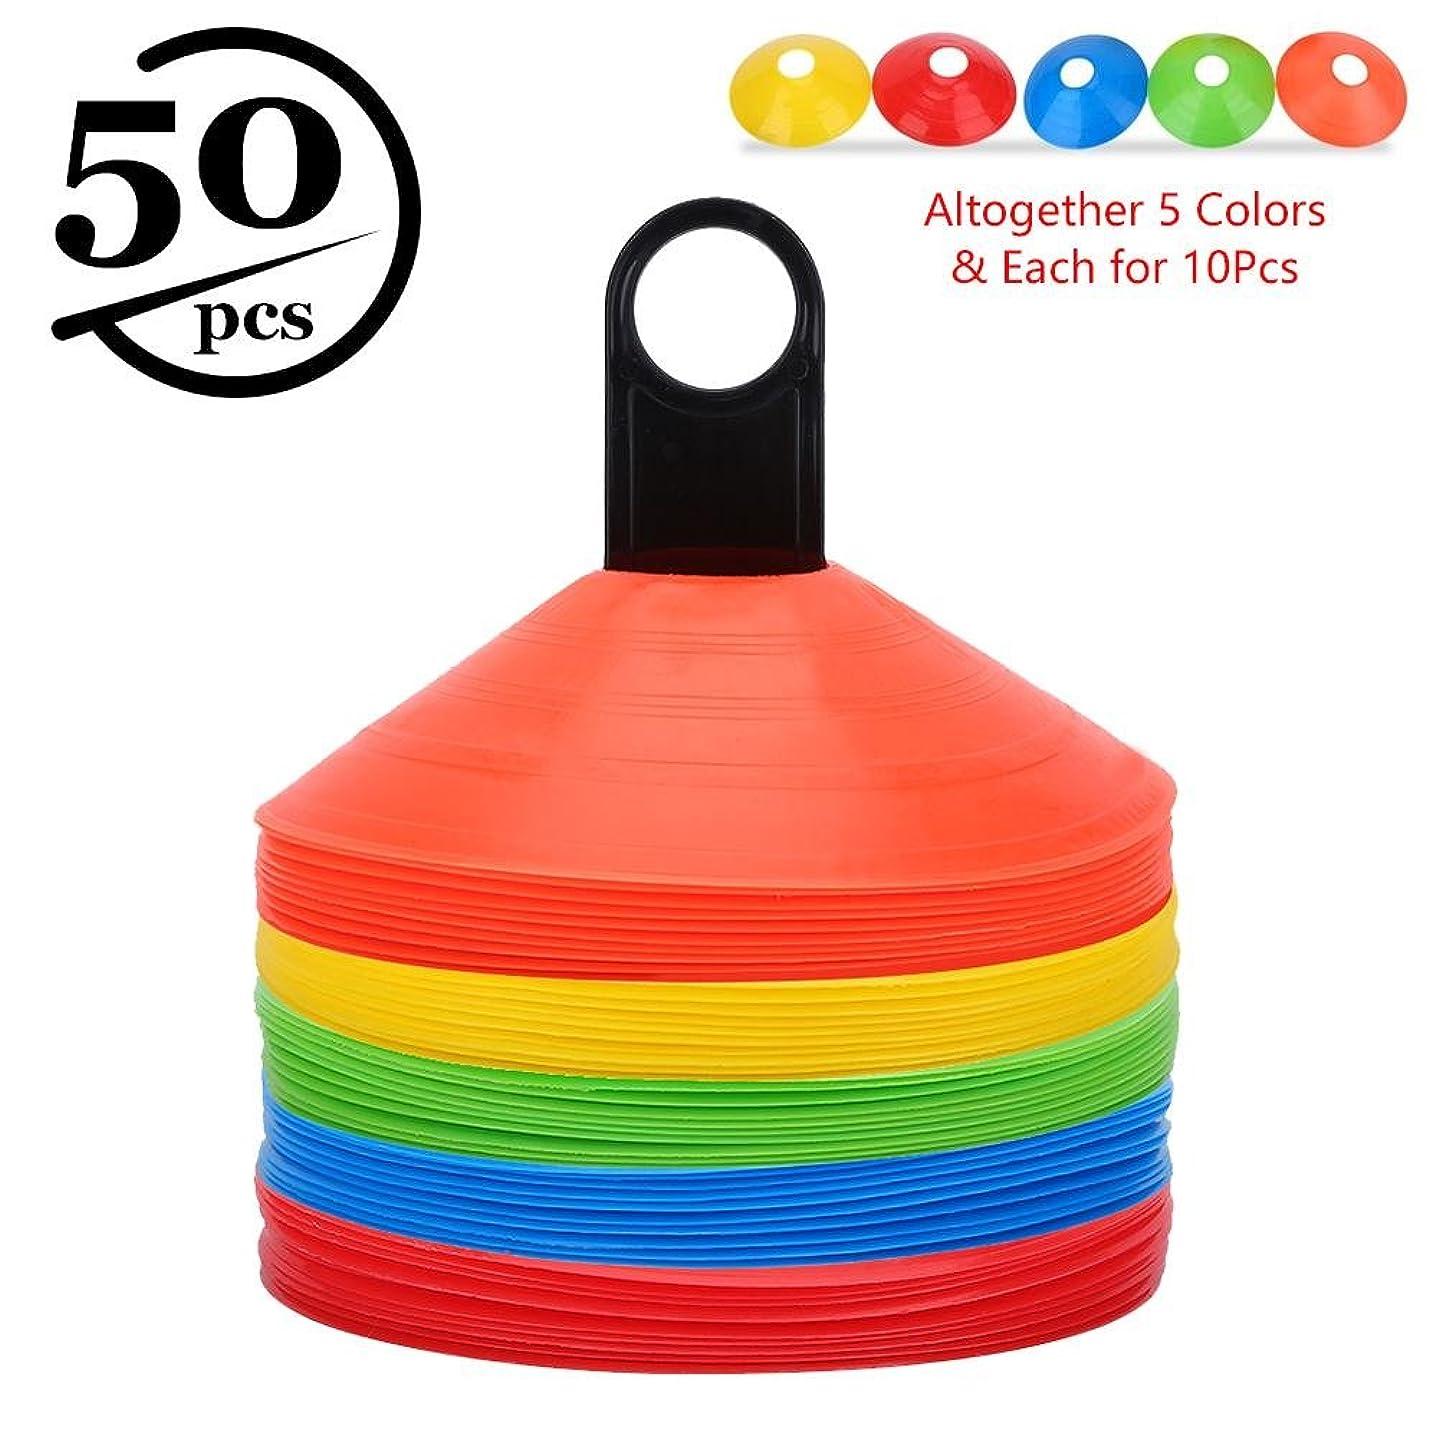 全く損失形状マーカーコーン カラーディスクコンー 柔らかい 割りにくい 長径20cm 5色 50枚セット